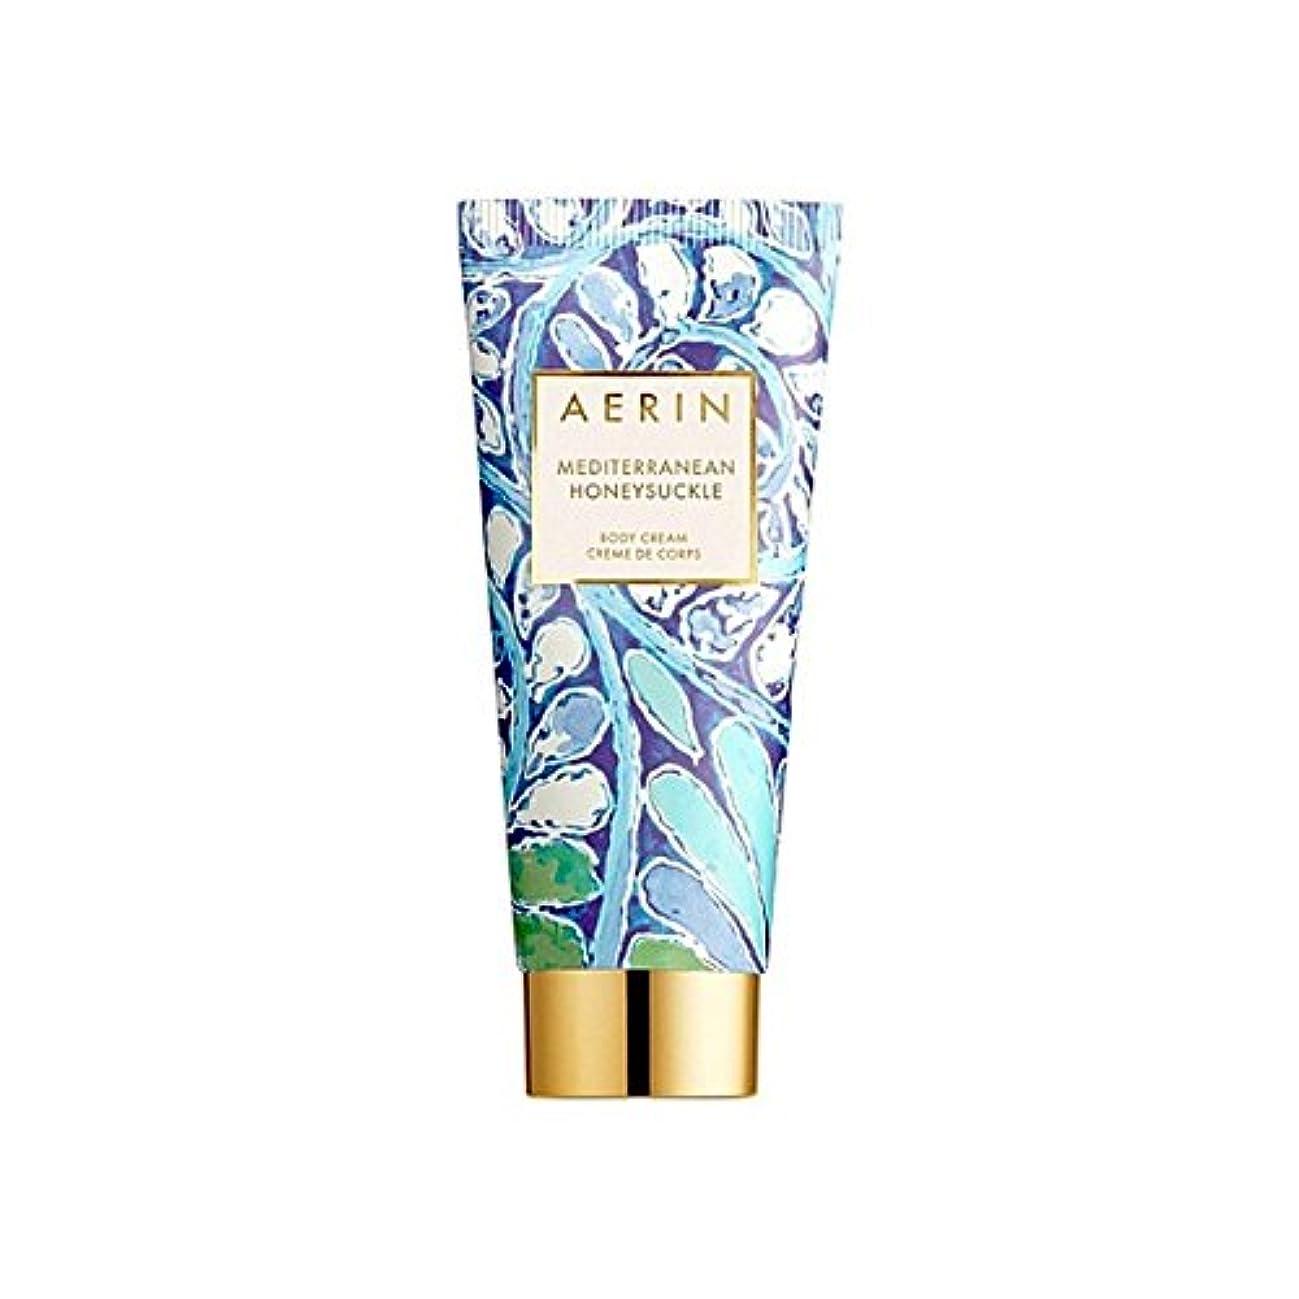 実験実施するお香Aerin Mediterrenean Honeysuckle Body Cream 150ml - スイカズラボディクリーム150ミリリットル [並行輸入品]